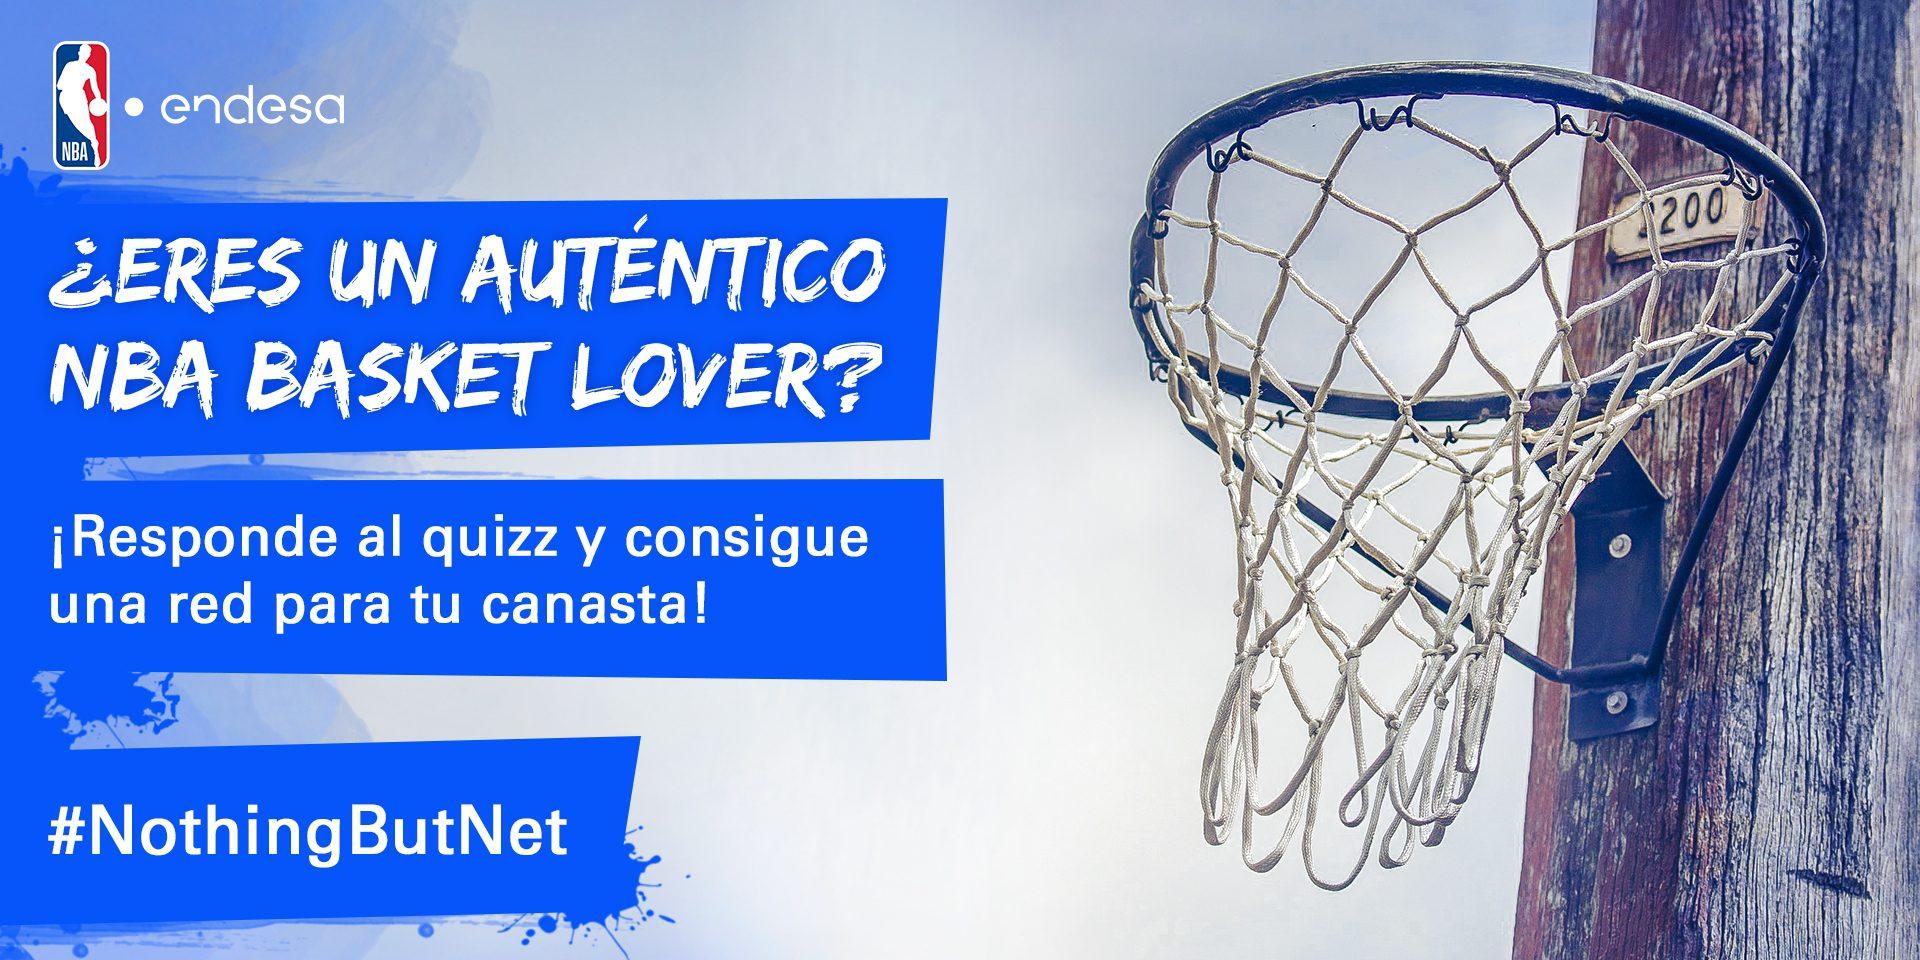 Nothing but Net, la iniciativa de la NBA y Endesa que te regala una red para tu cancha